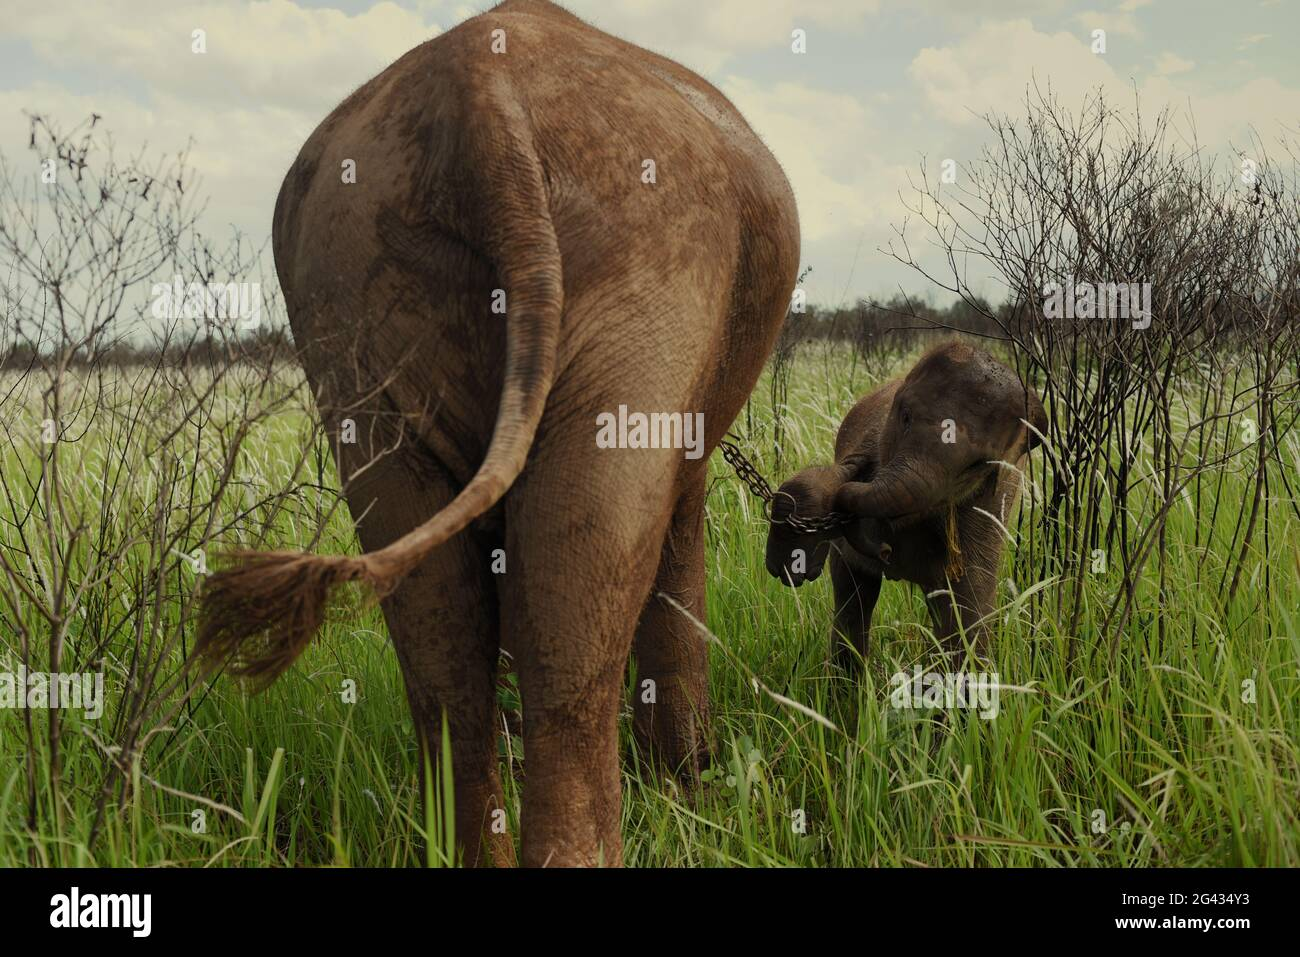 Un éléphant et un veau prêts à marcher pour retourner au centre de l'éléphant après qu'ils se nourrissent sur les buissons dans la voie du parc national de Kambas, Indonésie. Banque D'Images